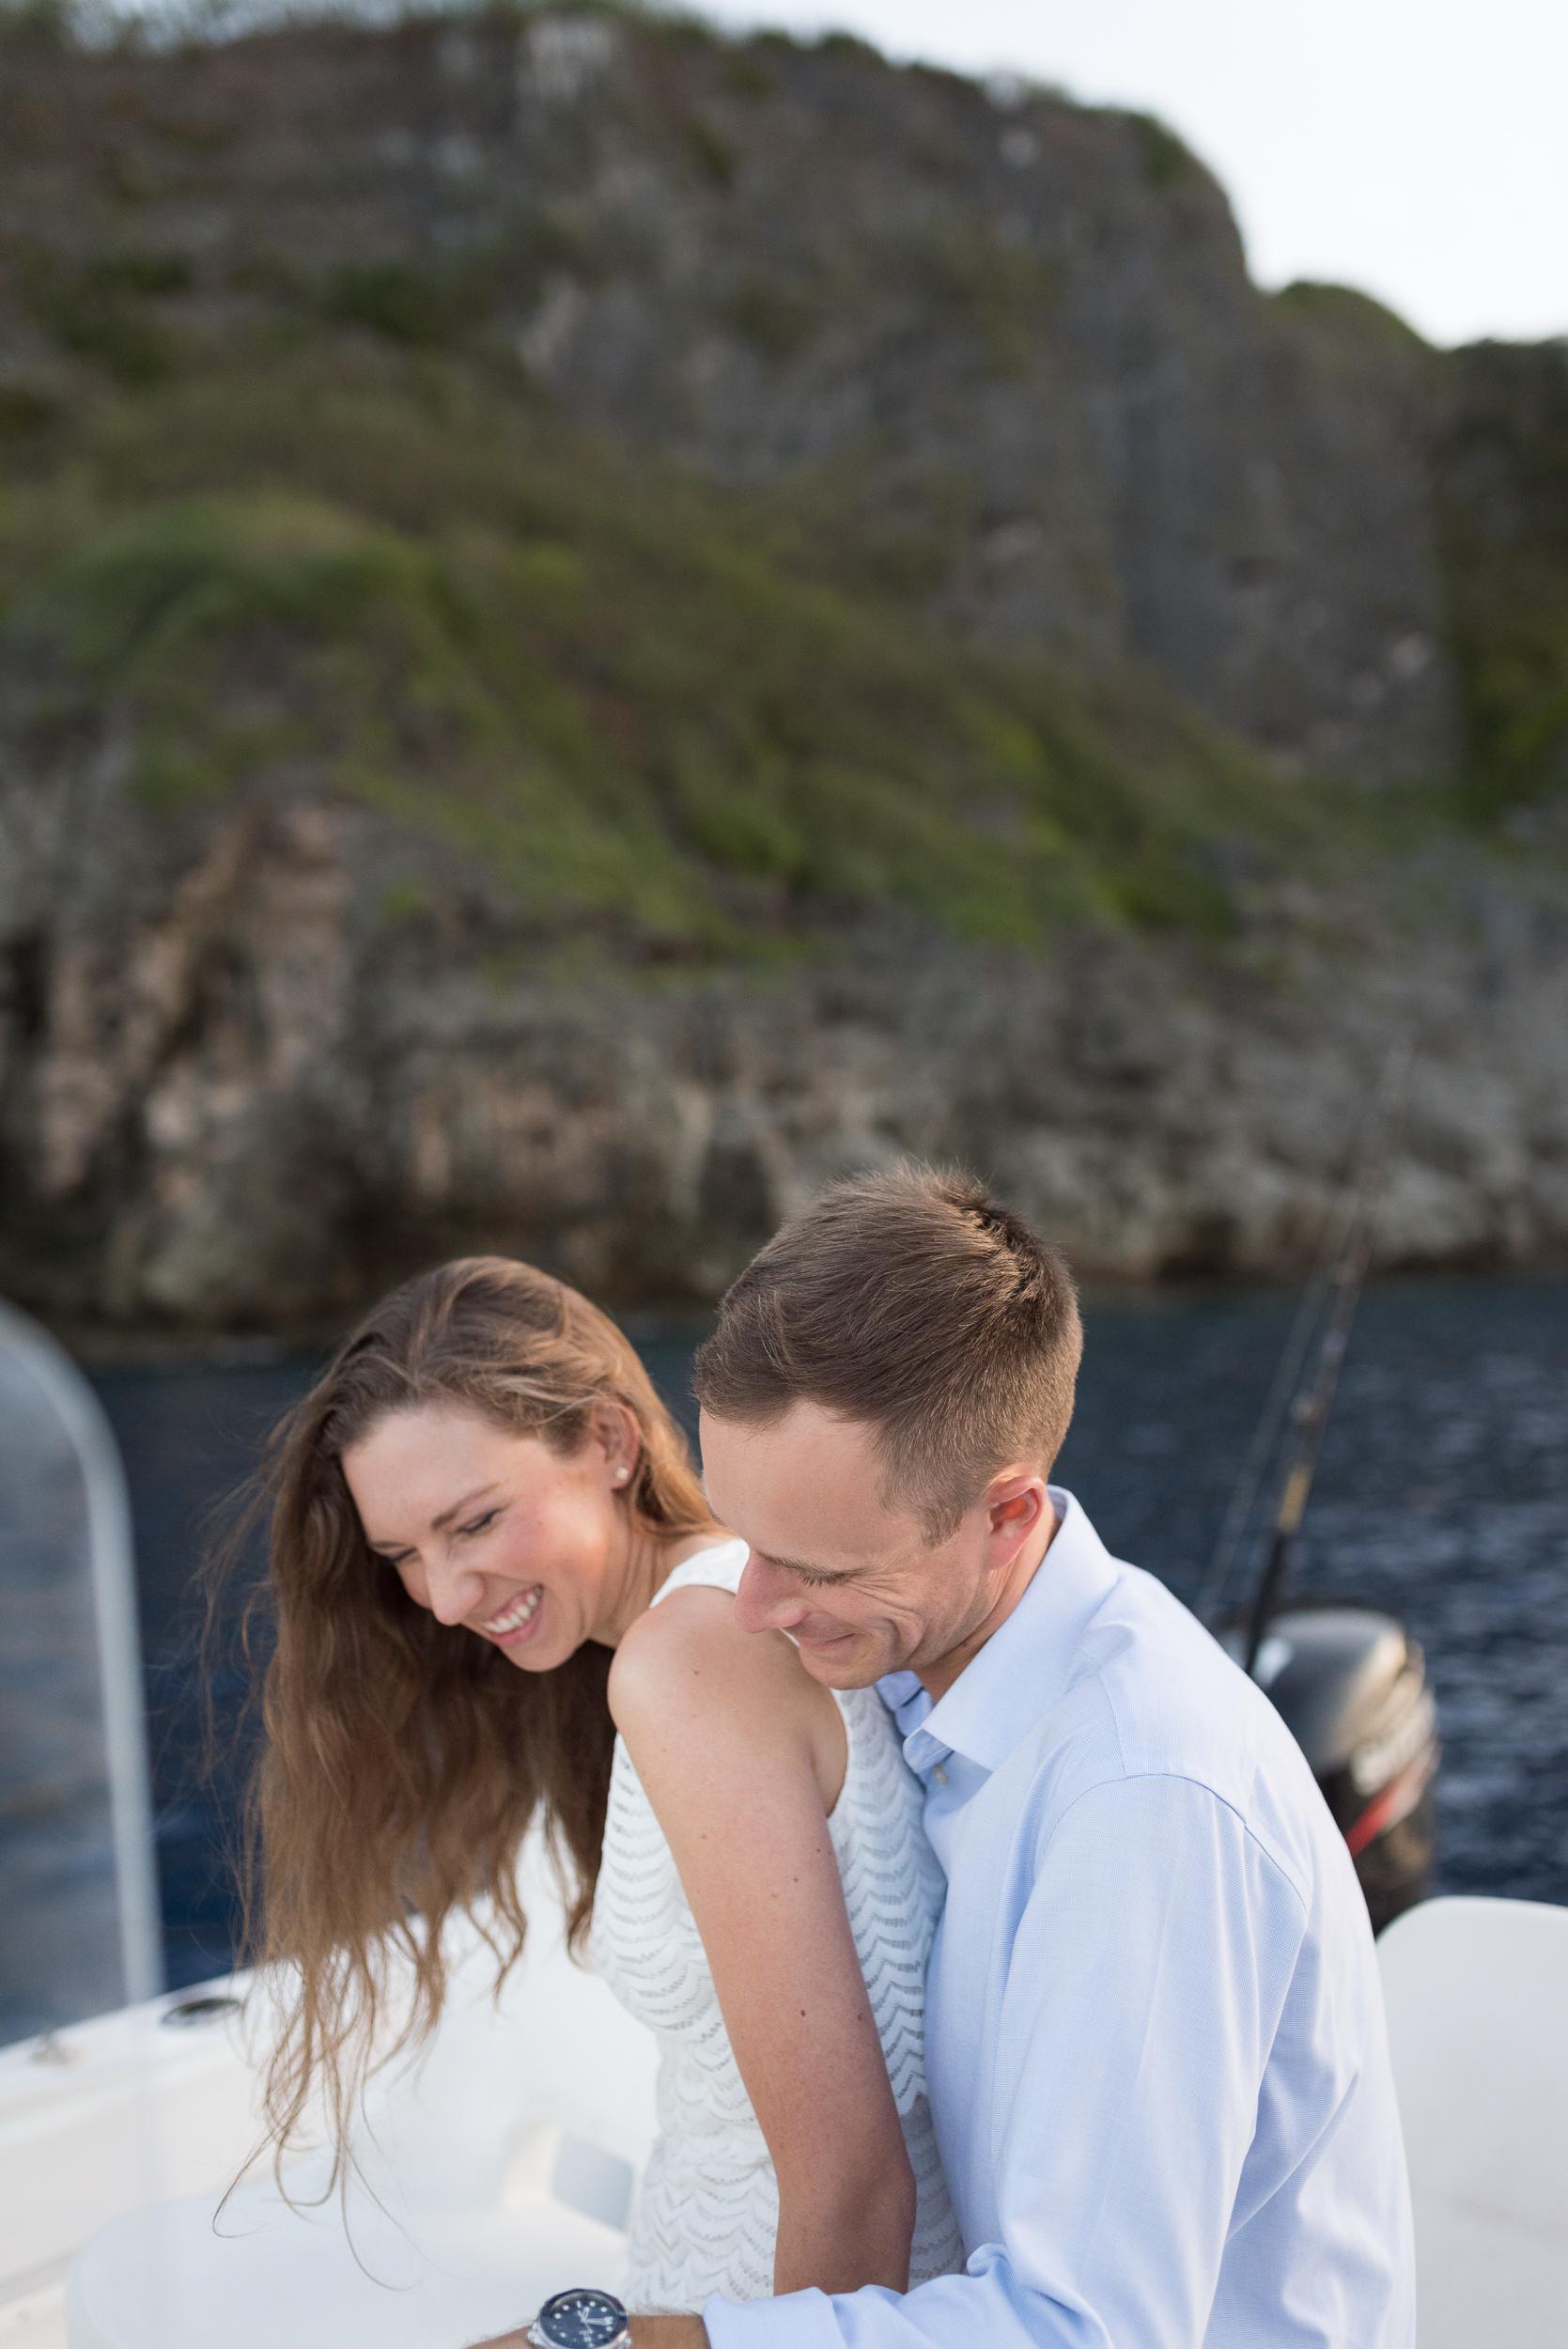 EngagementGuamPhotography-ROXANNEAUGUSTA-6.jpg